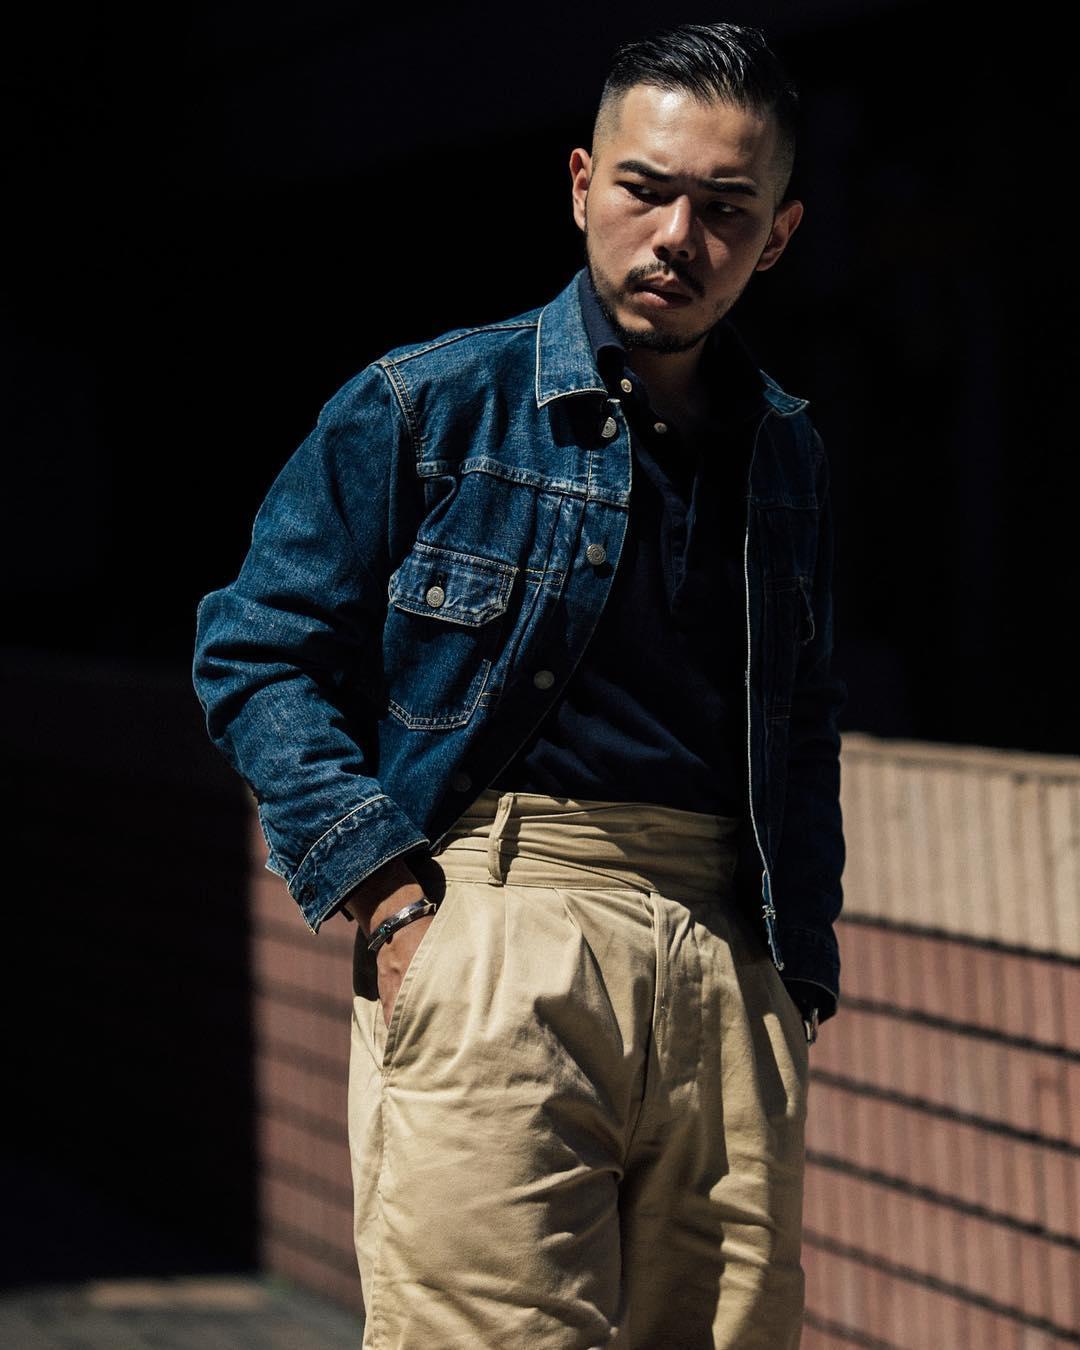 Très facile à se procurer aussi, à la mode et bon marché : la trucker jacket ou veste en jeans. Source : @wwc.willy